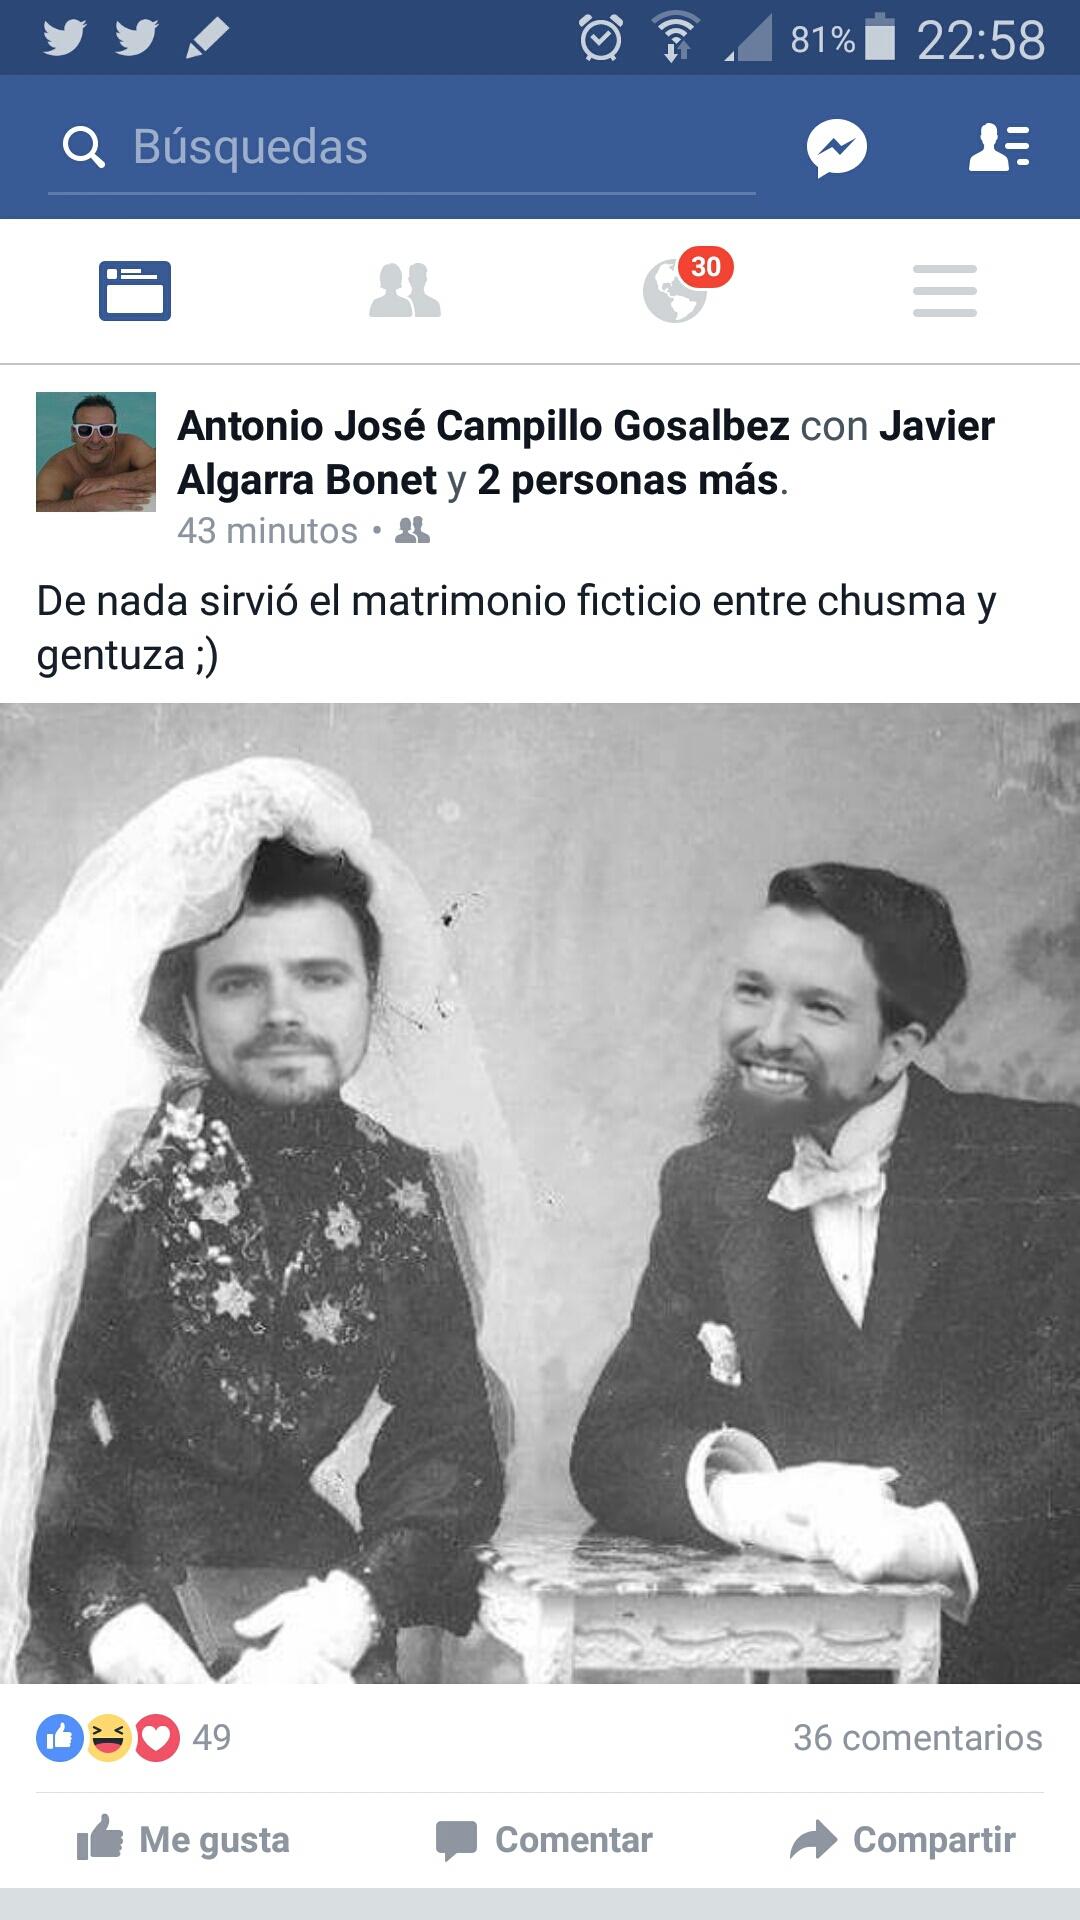 Ilustración facilitada en Facebook por Antonio José Campillo Gosálvez. No ha habido. Lasvocesdelpueblo.